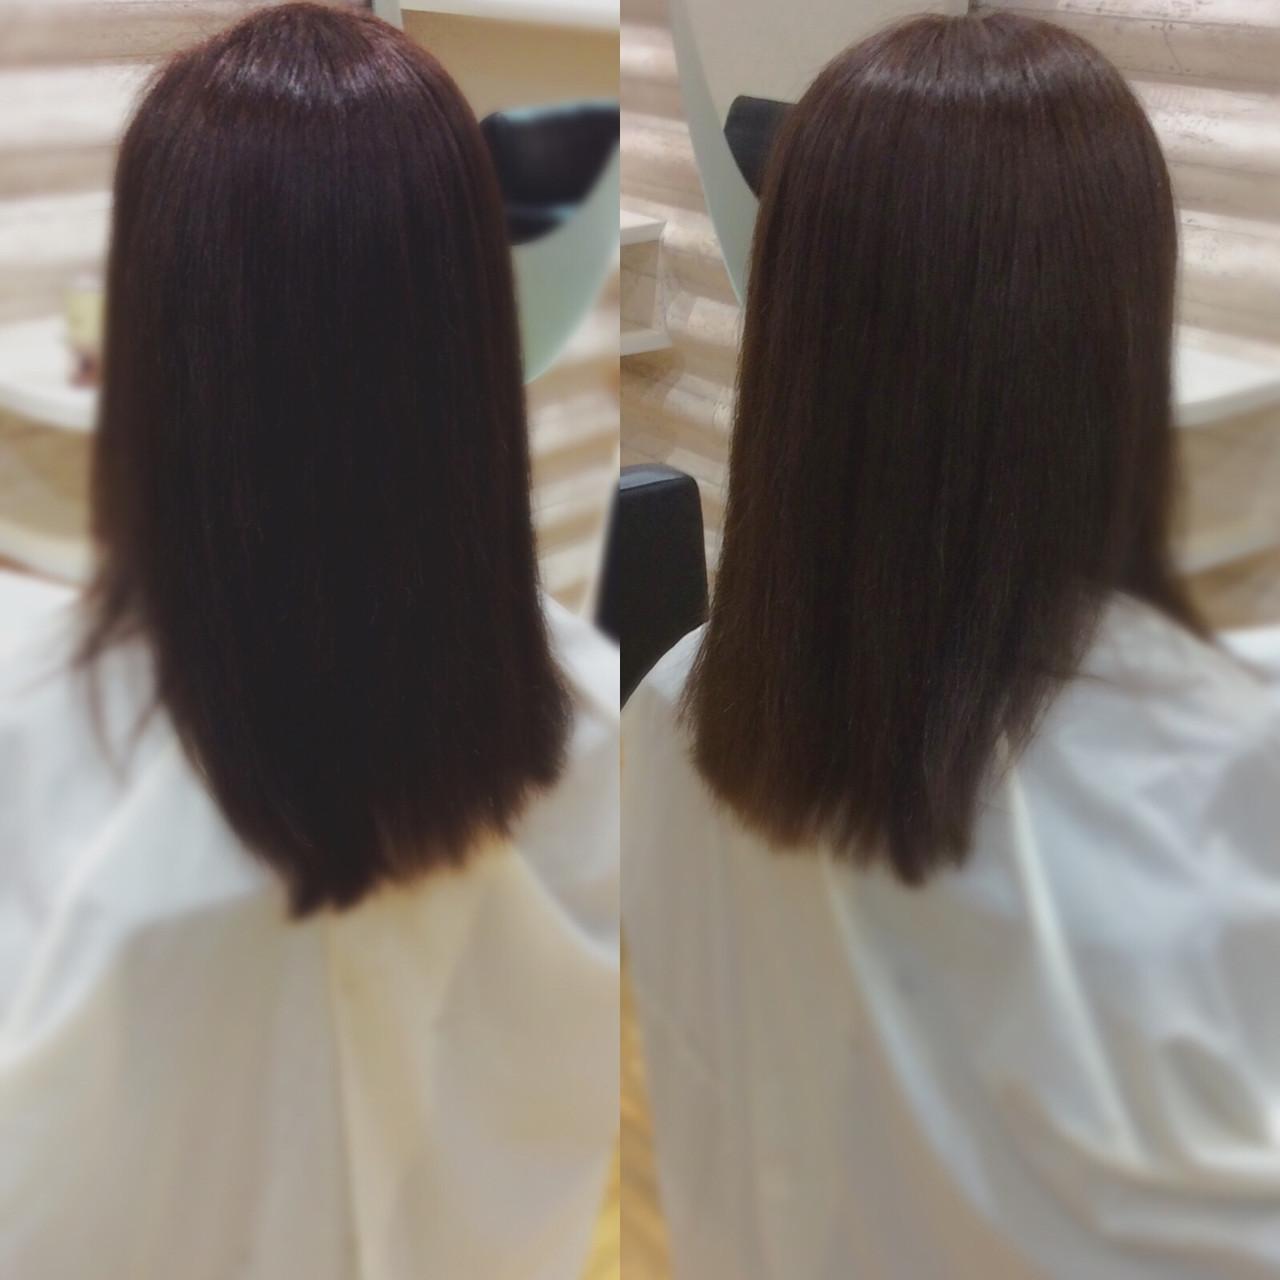 ロング ロングヘア 髪質改善トリートメント 髪質改善カラーヘアスタイルや髪型の写真・画像